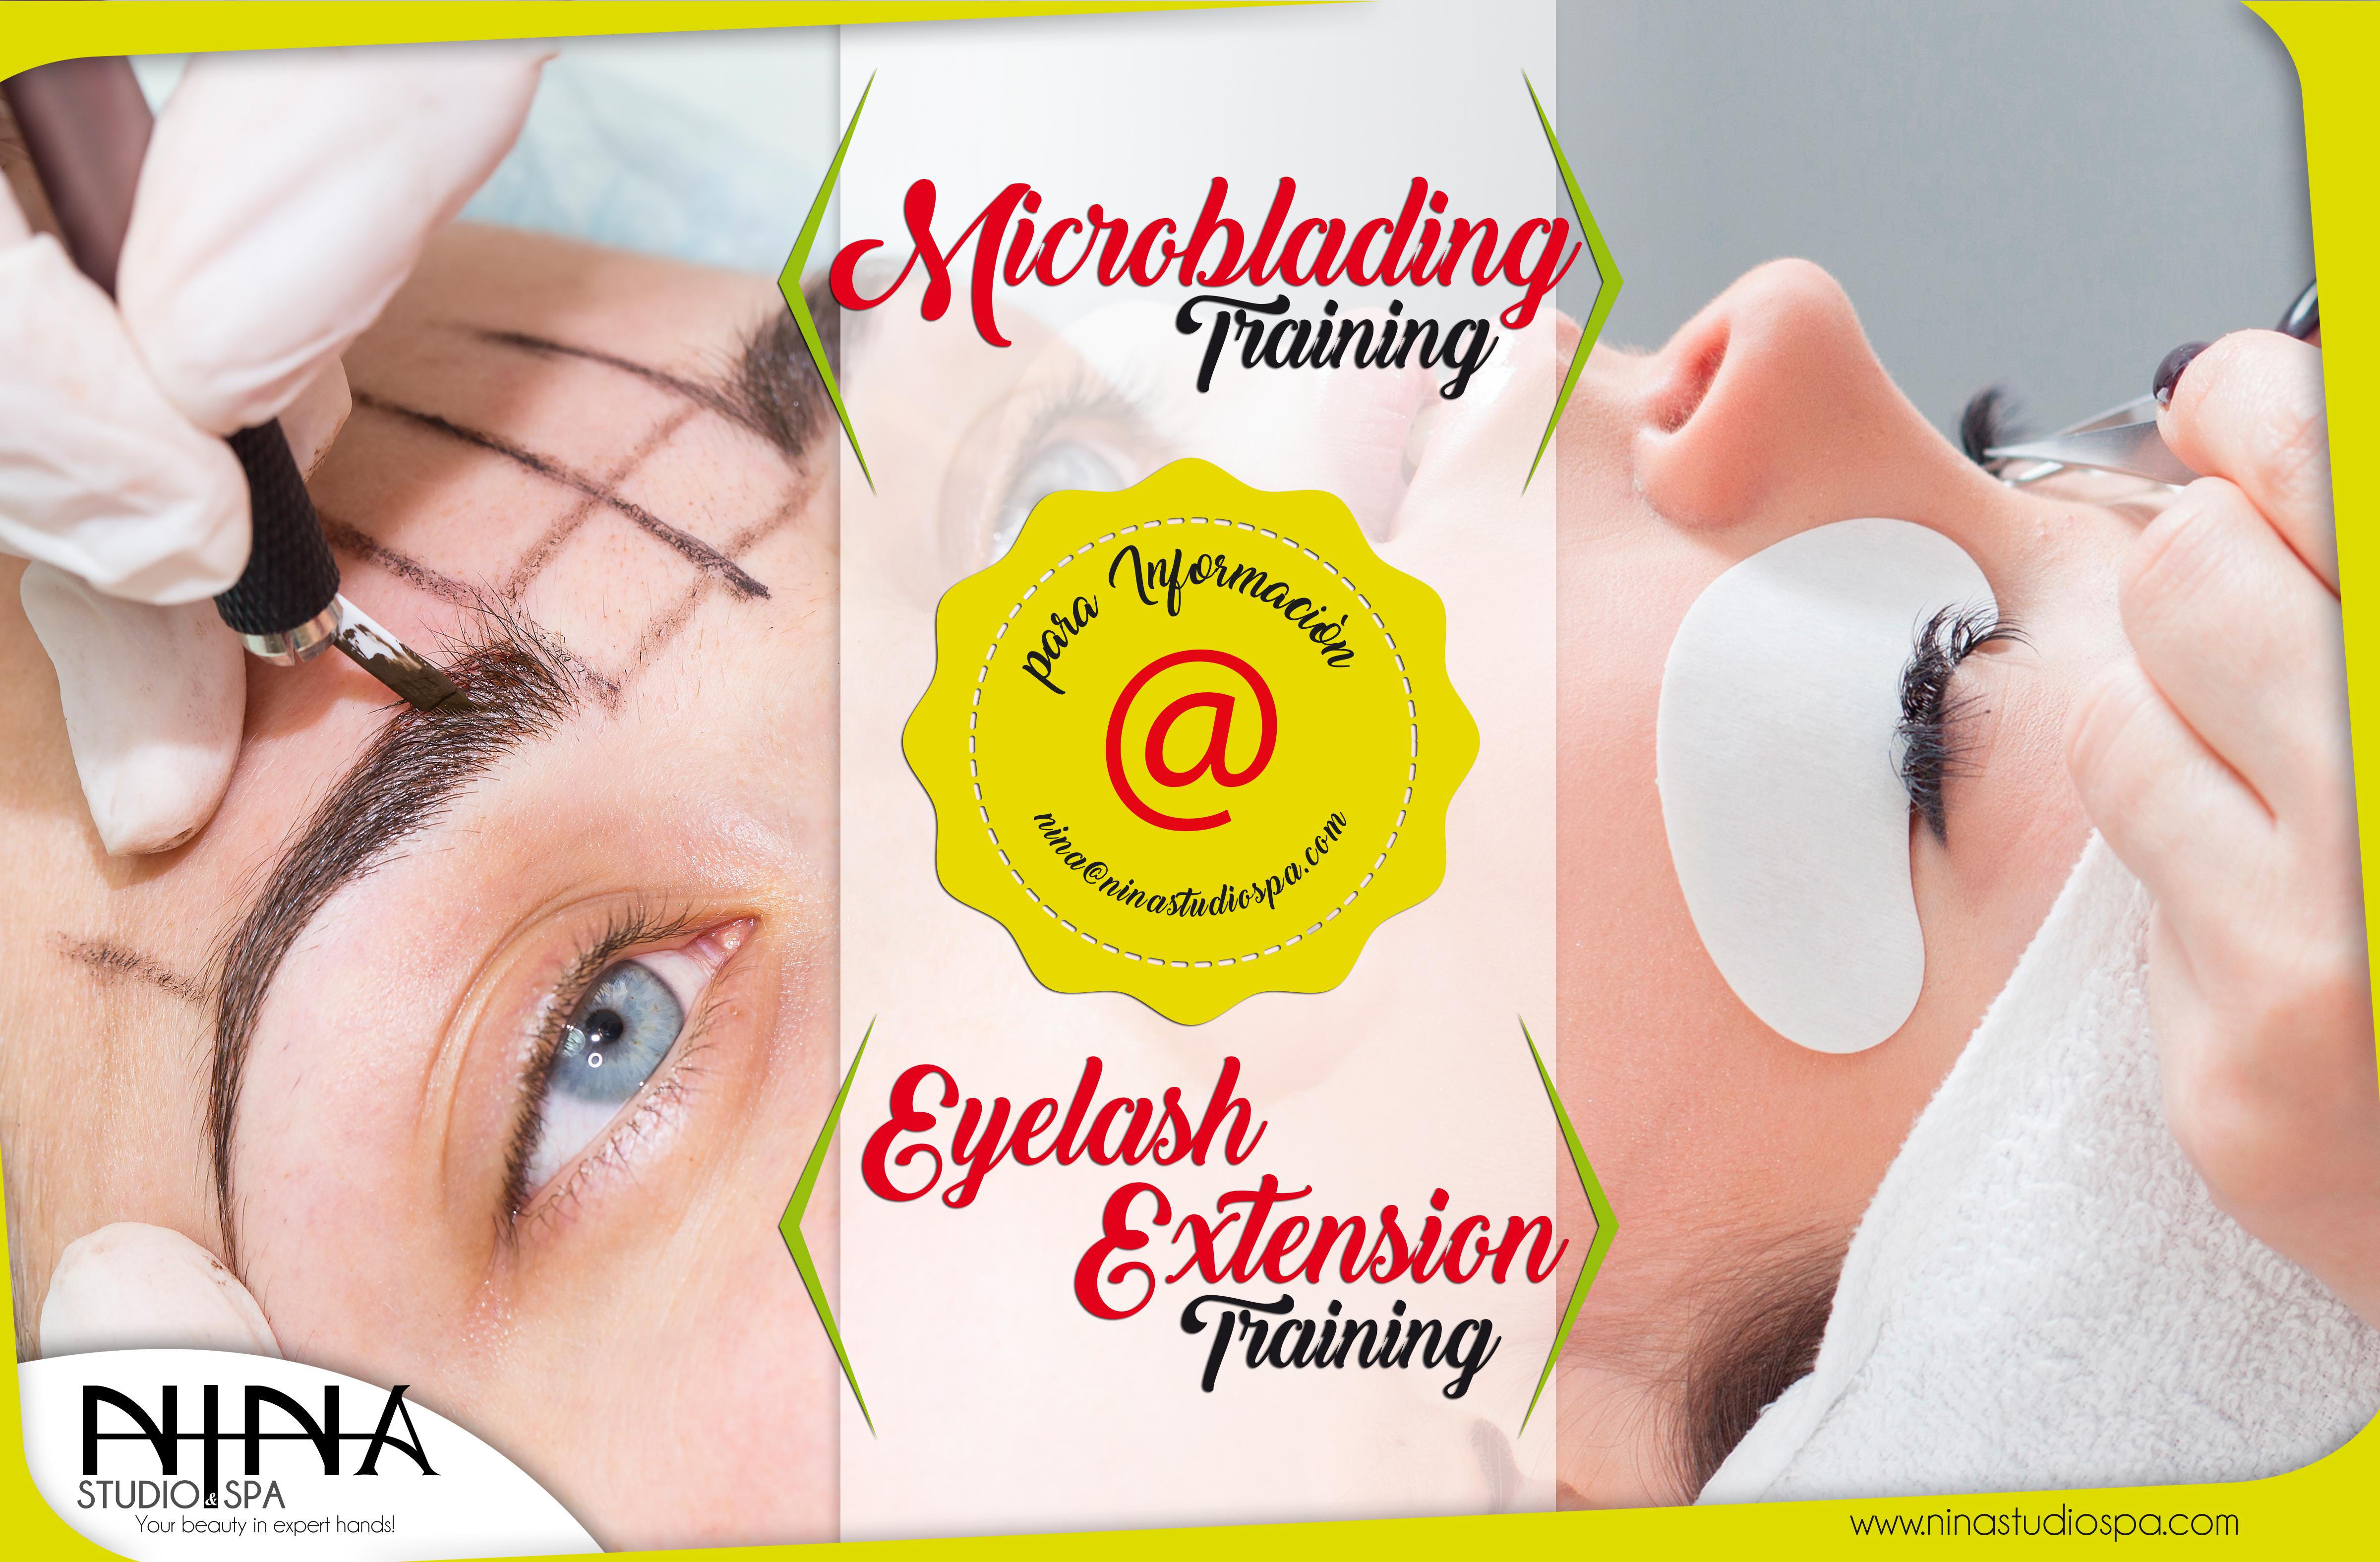 Training microblanding